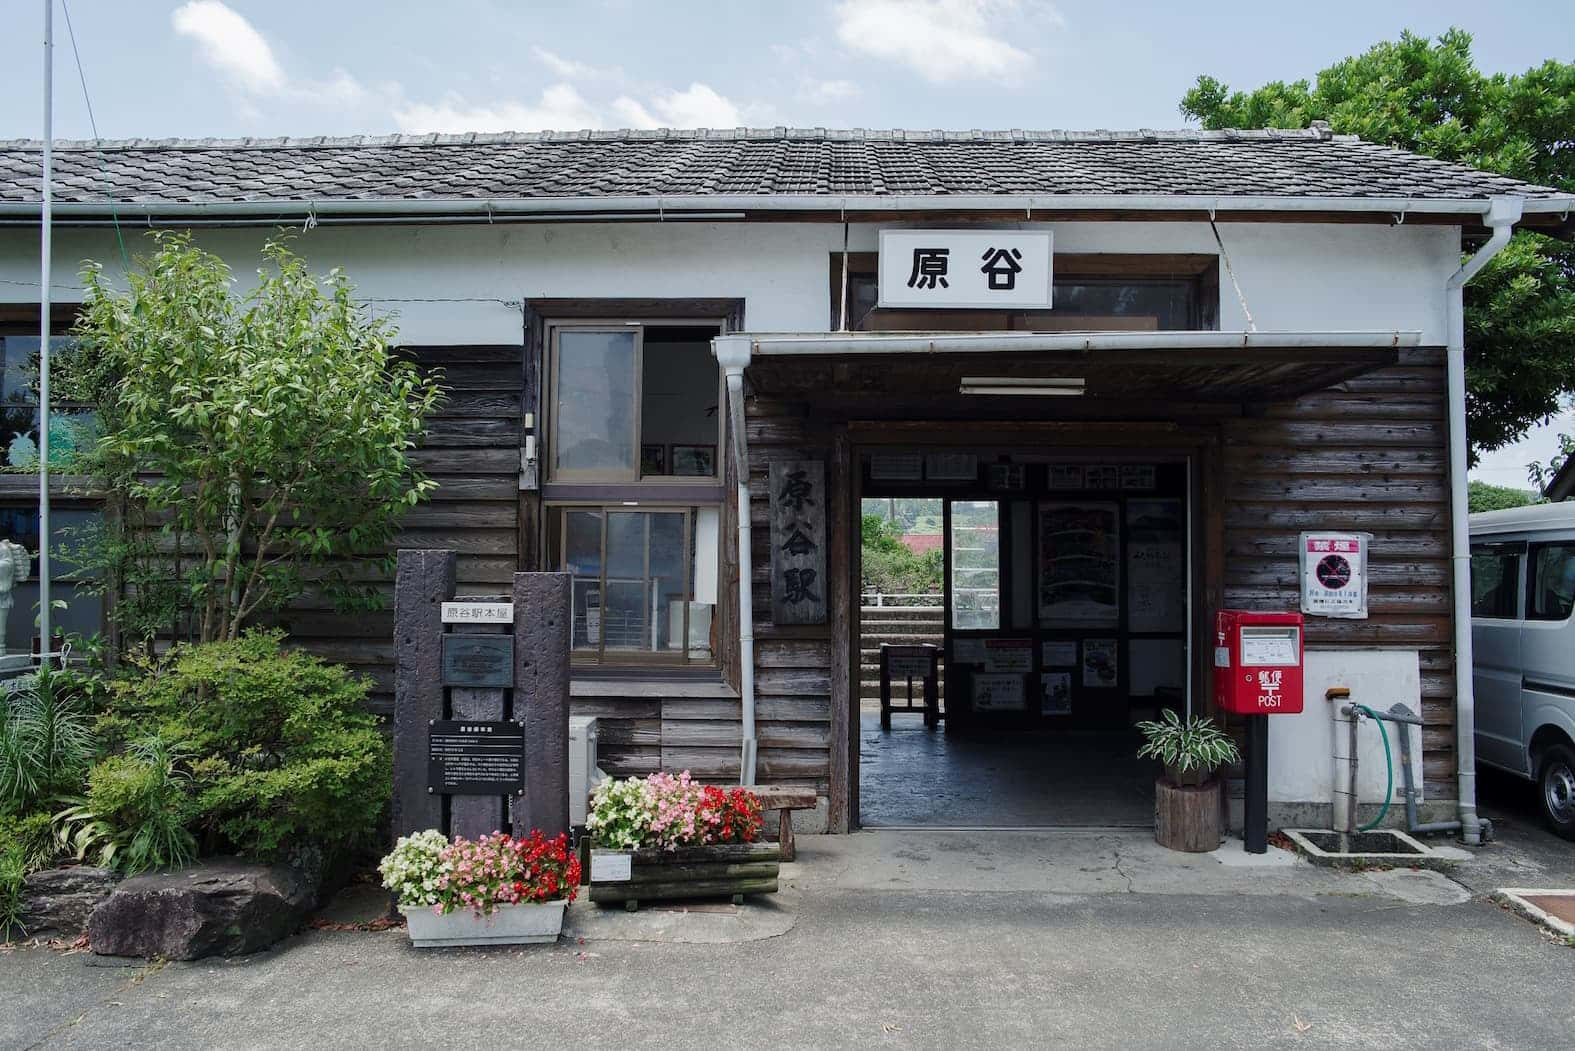 Tenryu Hamanako đường sắt